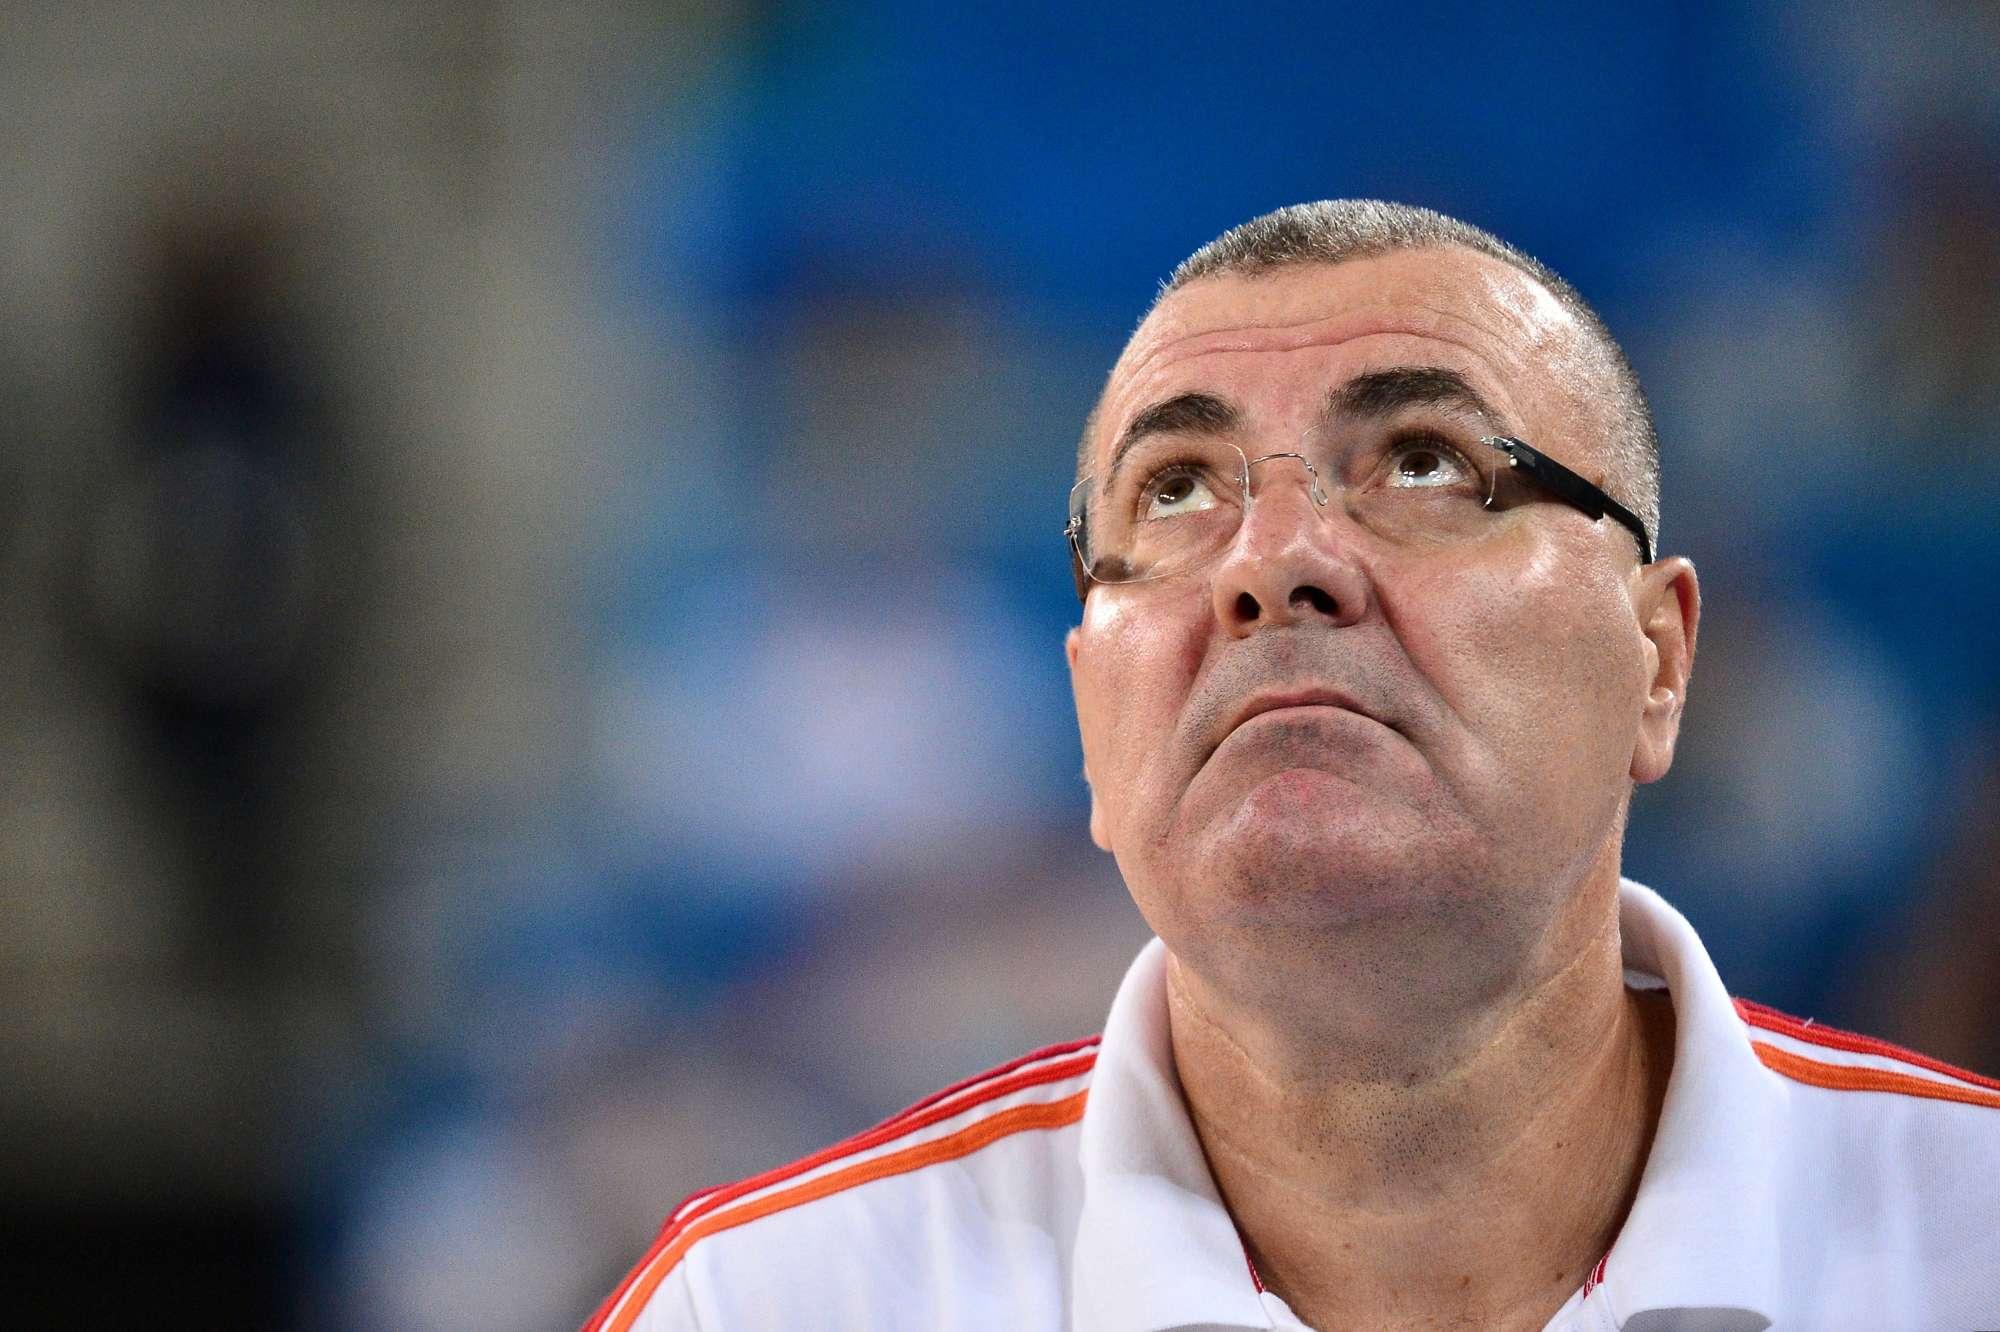 Il coach dell'Olimpia Milano, Repesa, si è preso le colpe del momento negativo della squadra